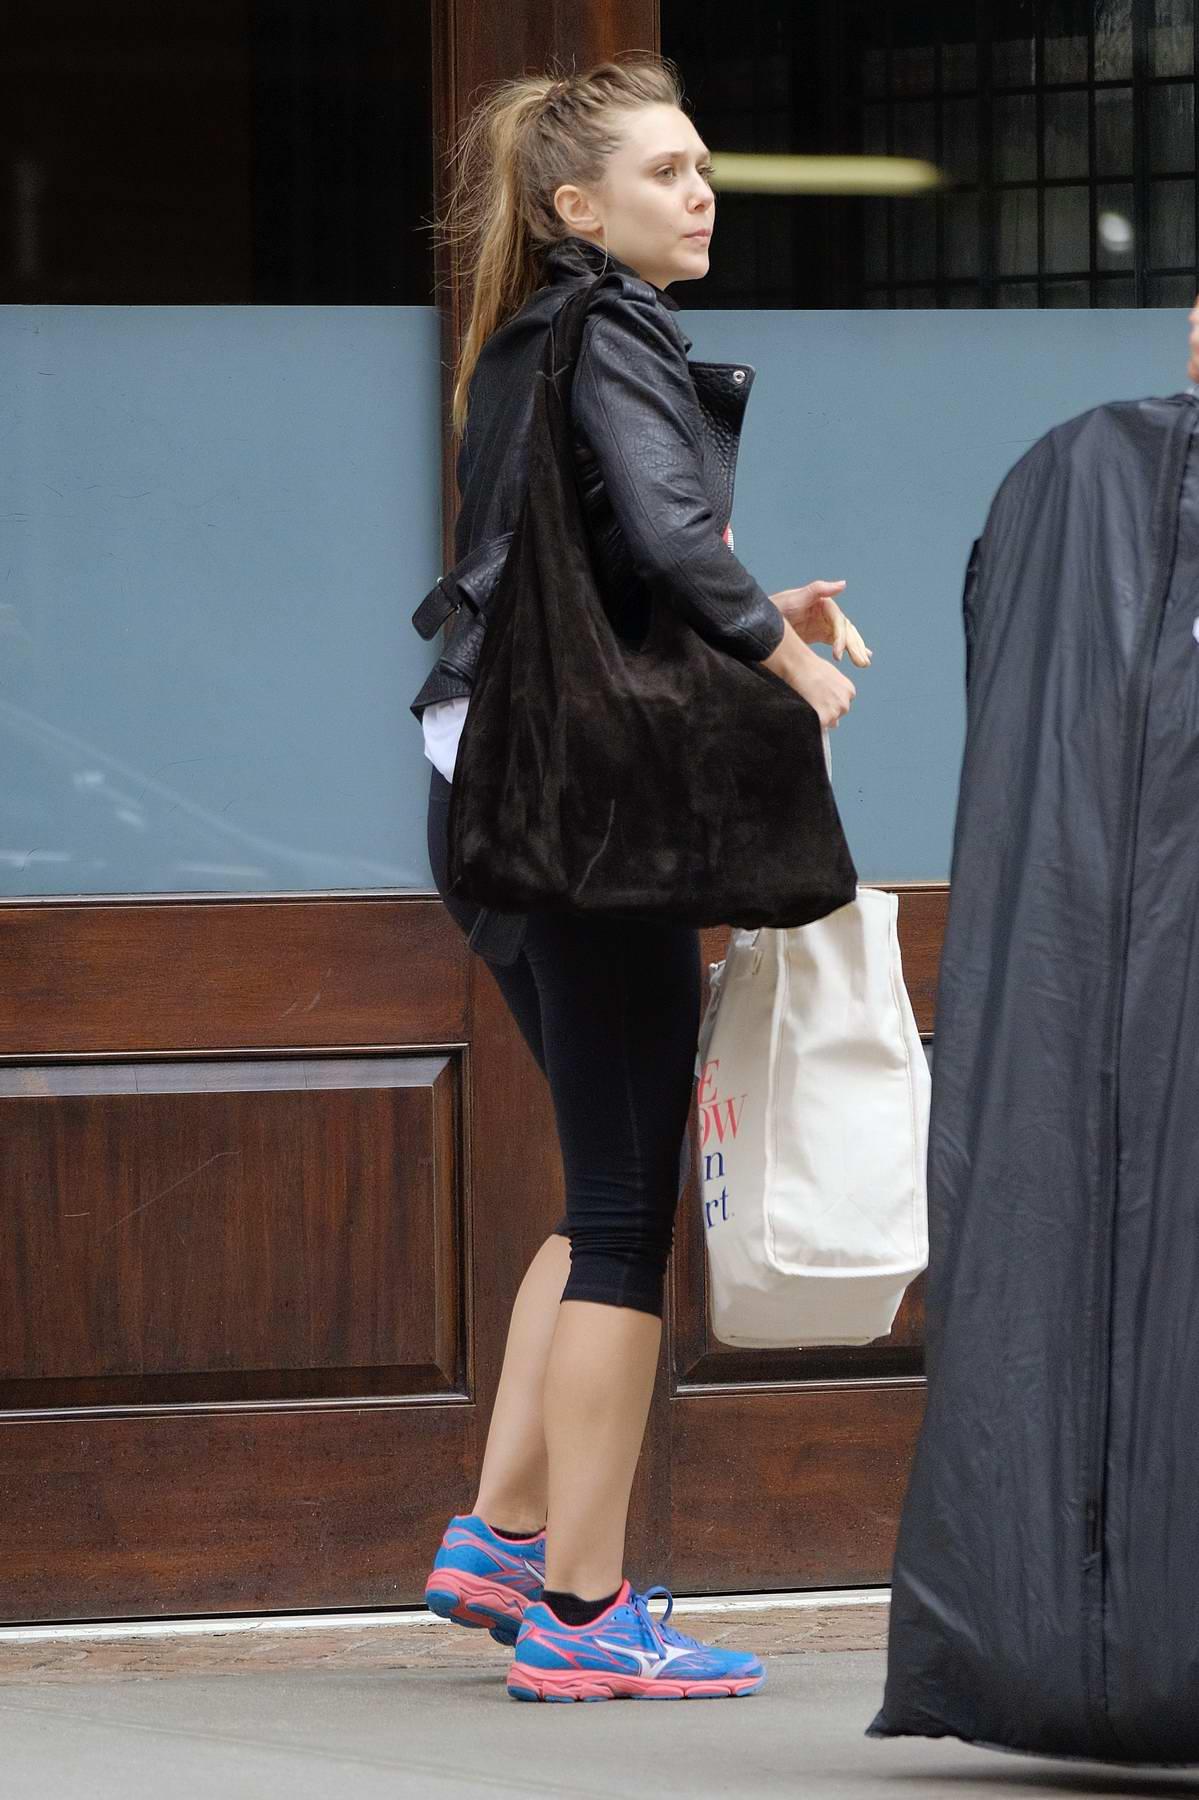 Elizabeth Olsen arriving at her Hotel in New York